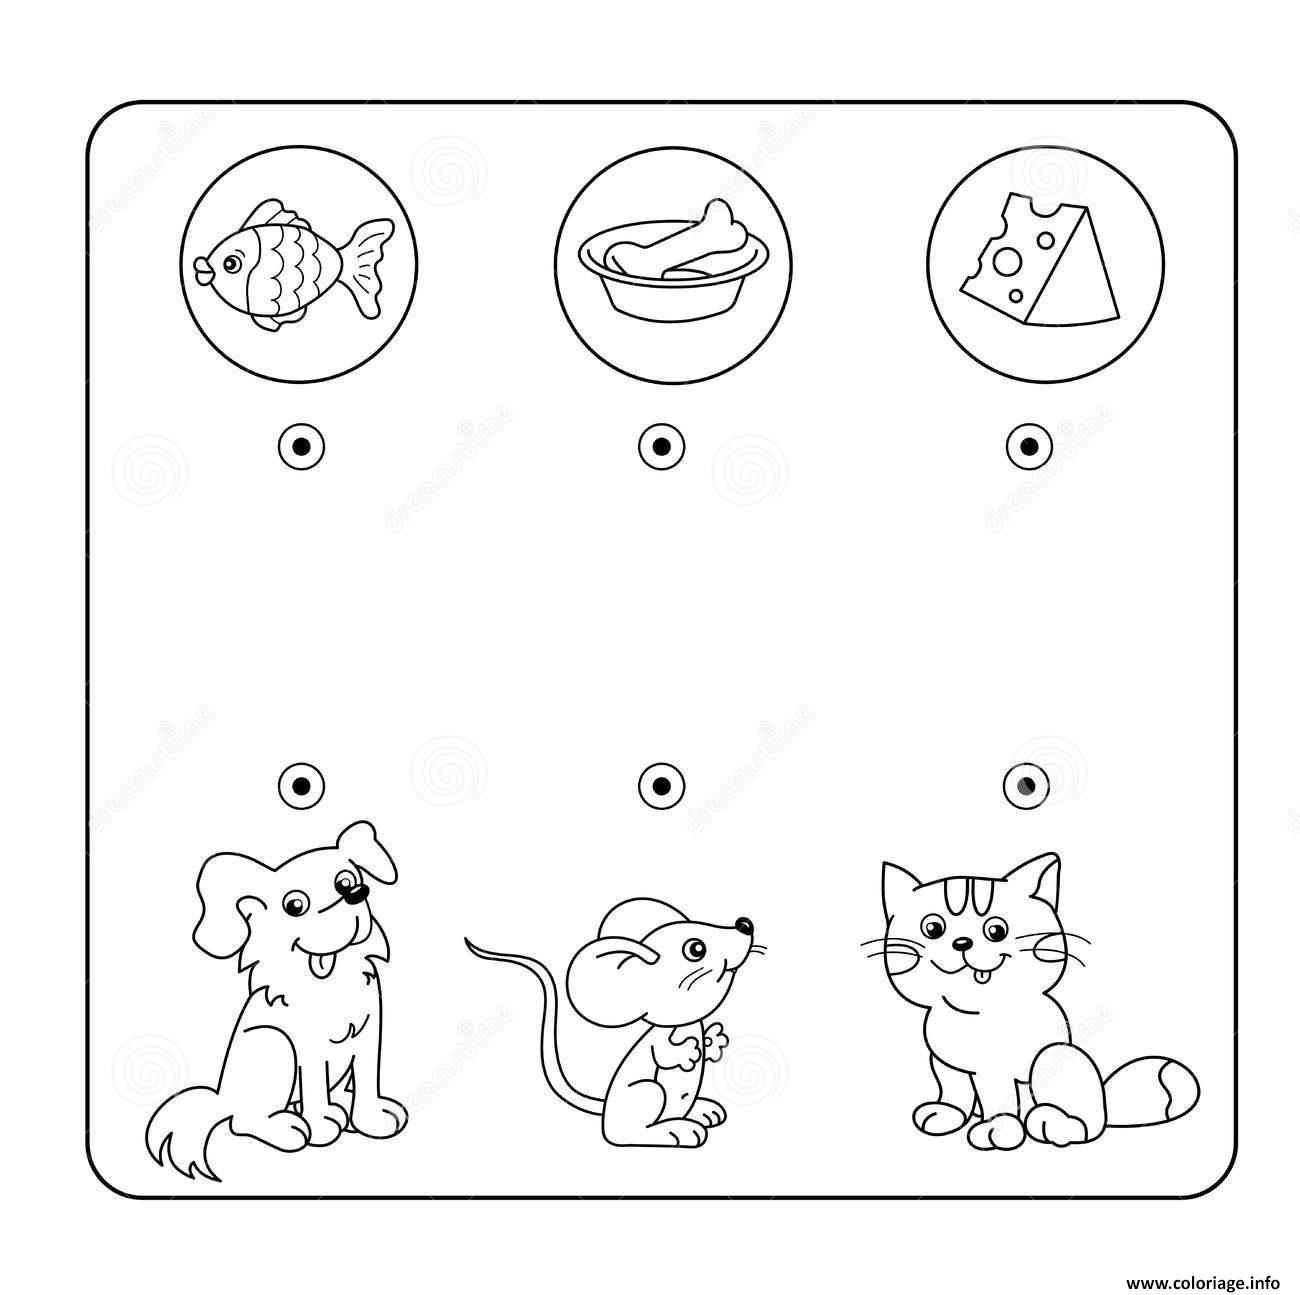 Coloriage Relie Chaque Animal A Son Repas Jeu A Imprimer Dessin dedans Jeux De Animaux Gratuit